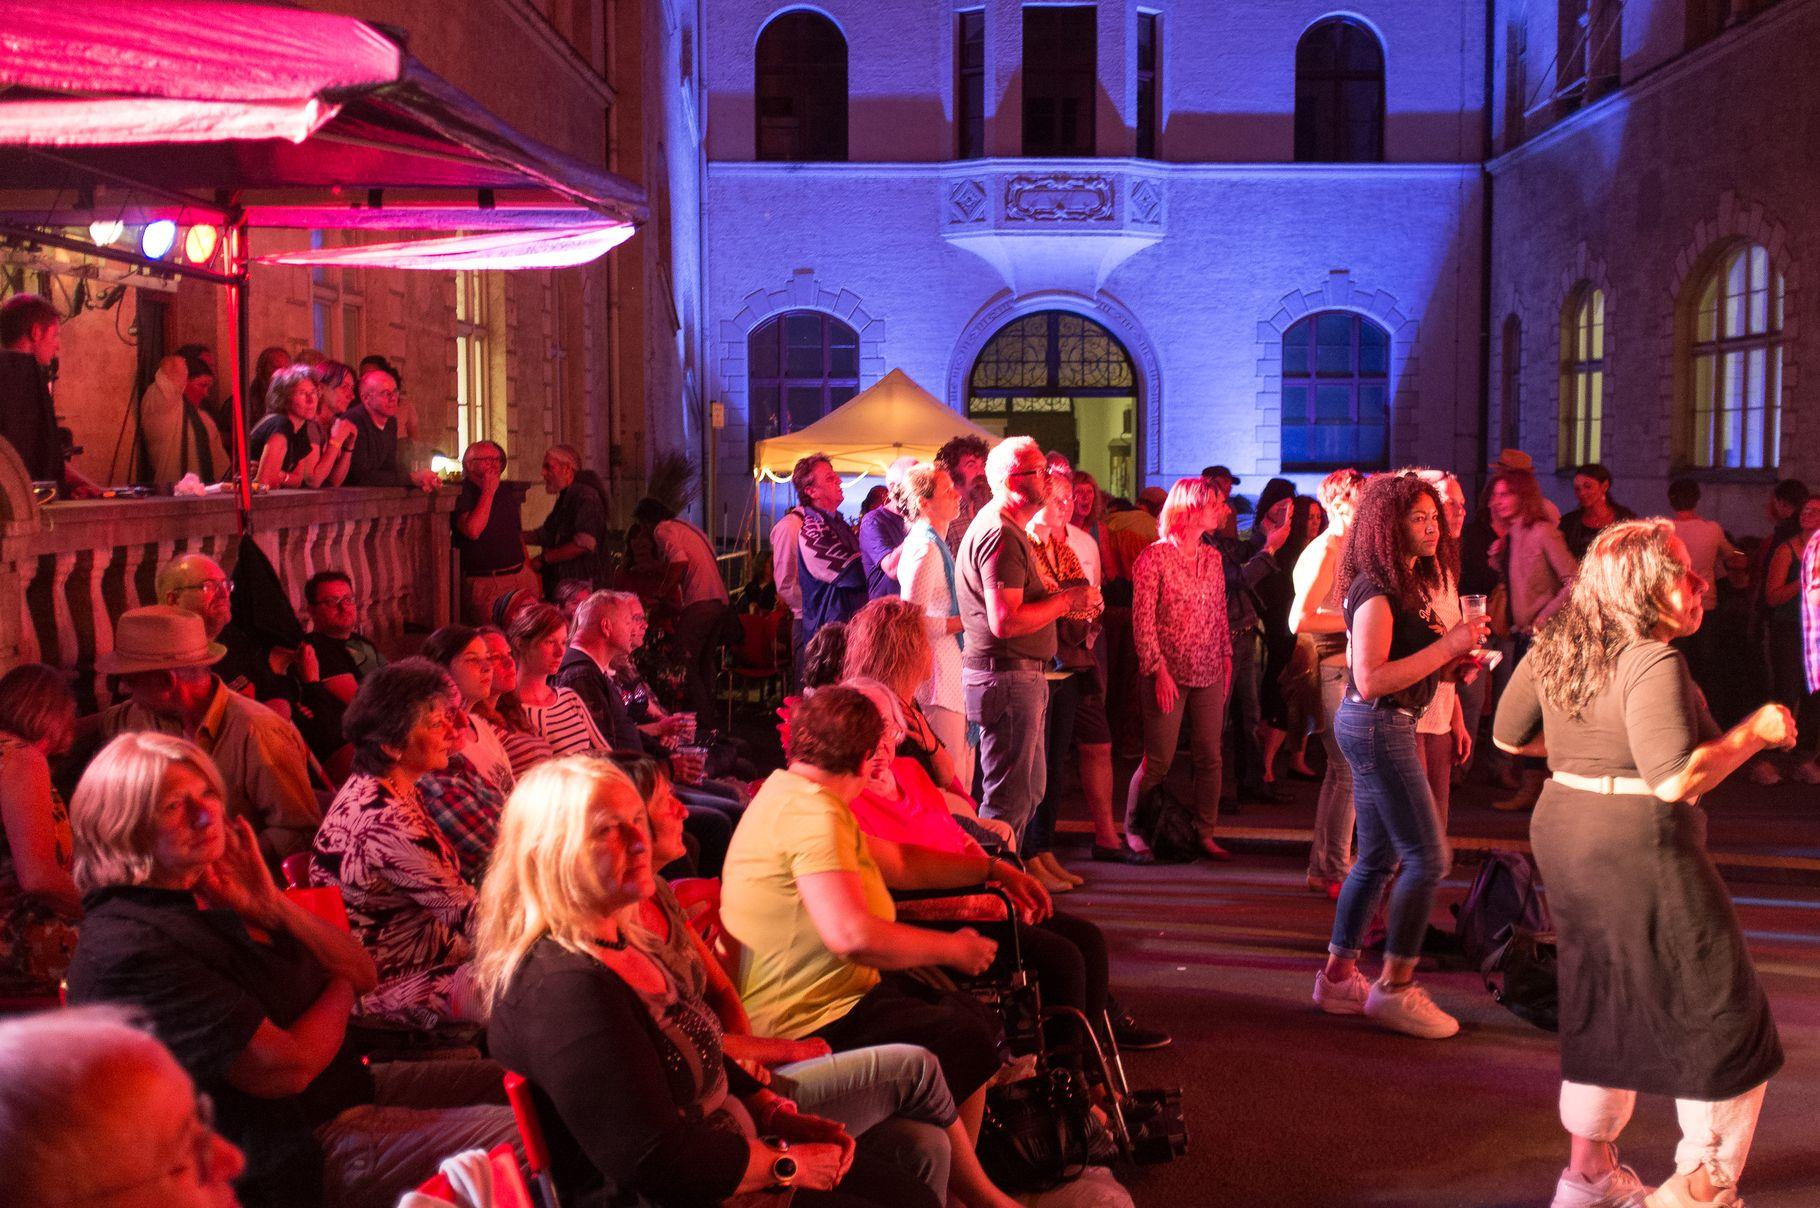 Konzerte im Bürgerhof 27.06.14 - Freiwilligen-Zentrum Augsburg - Foto: Crayfish